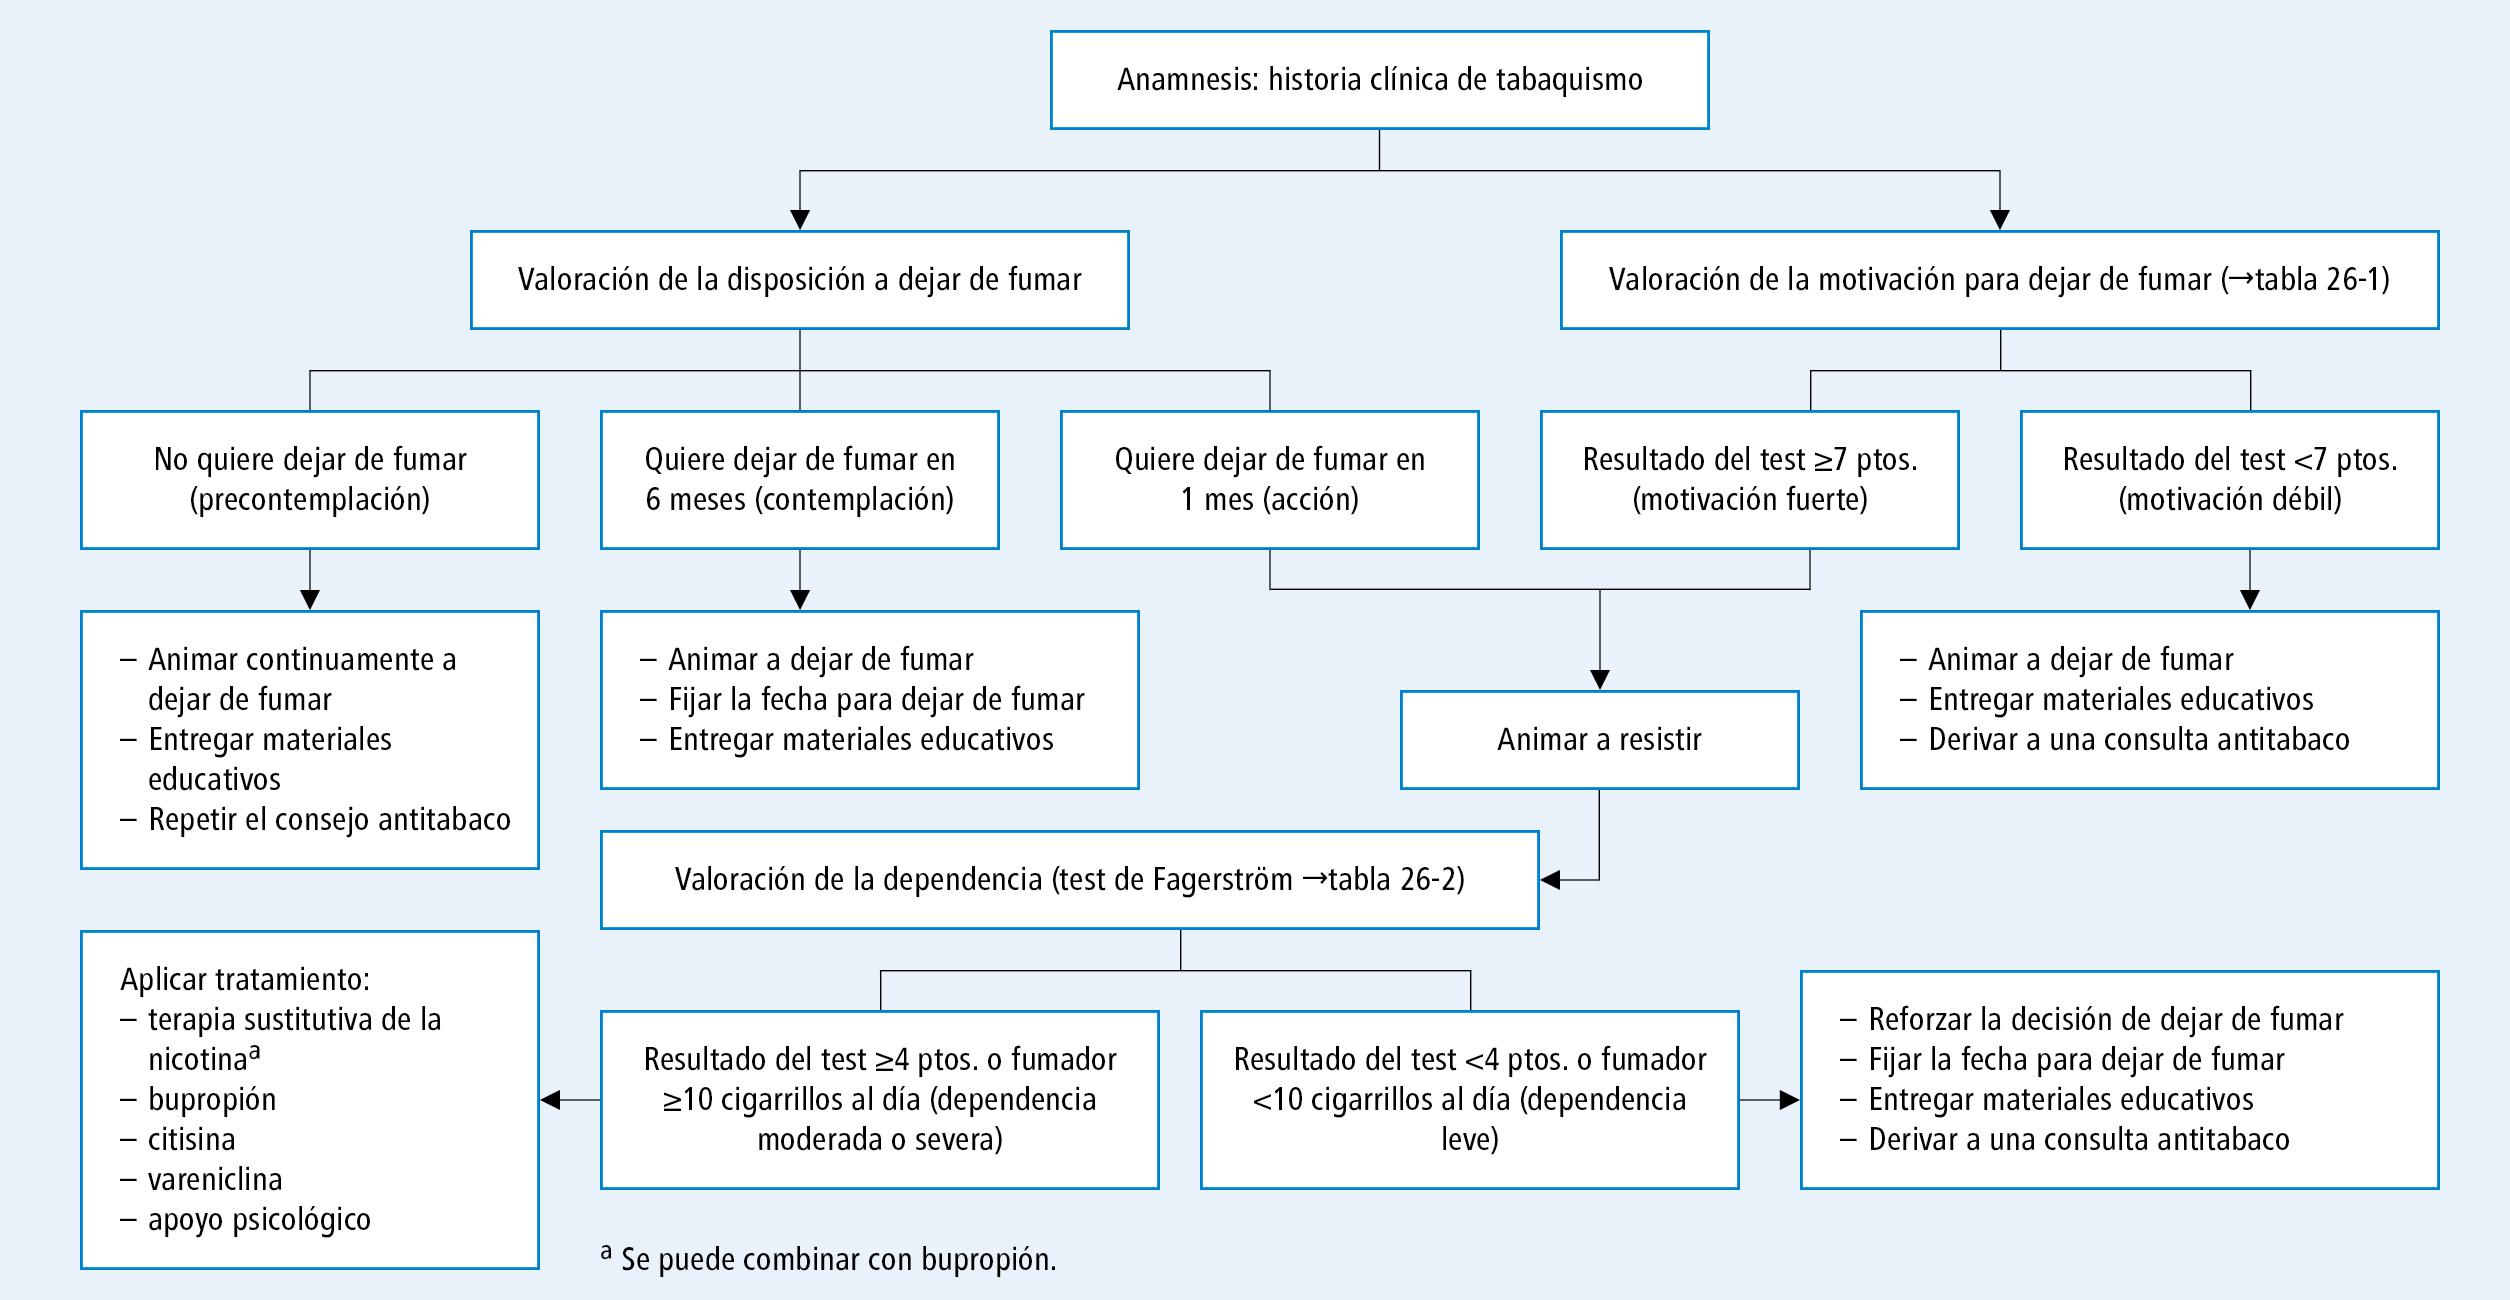 Tabaquismo - Enfermedades del aparato respiratorio - Enfermedades ...